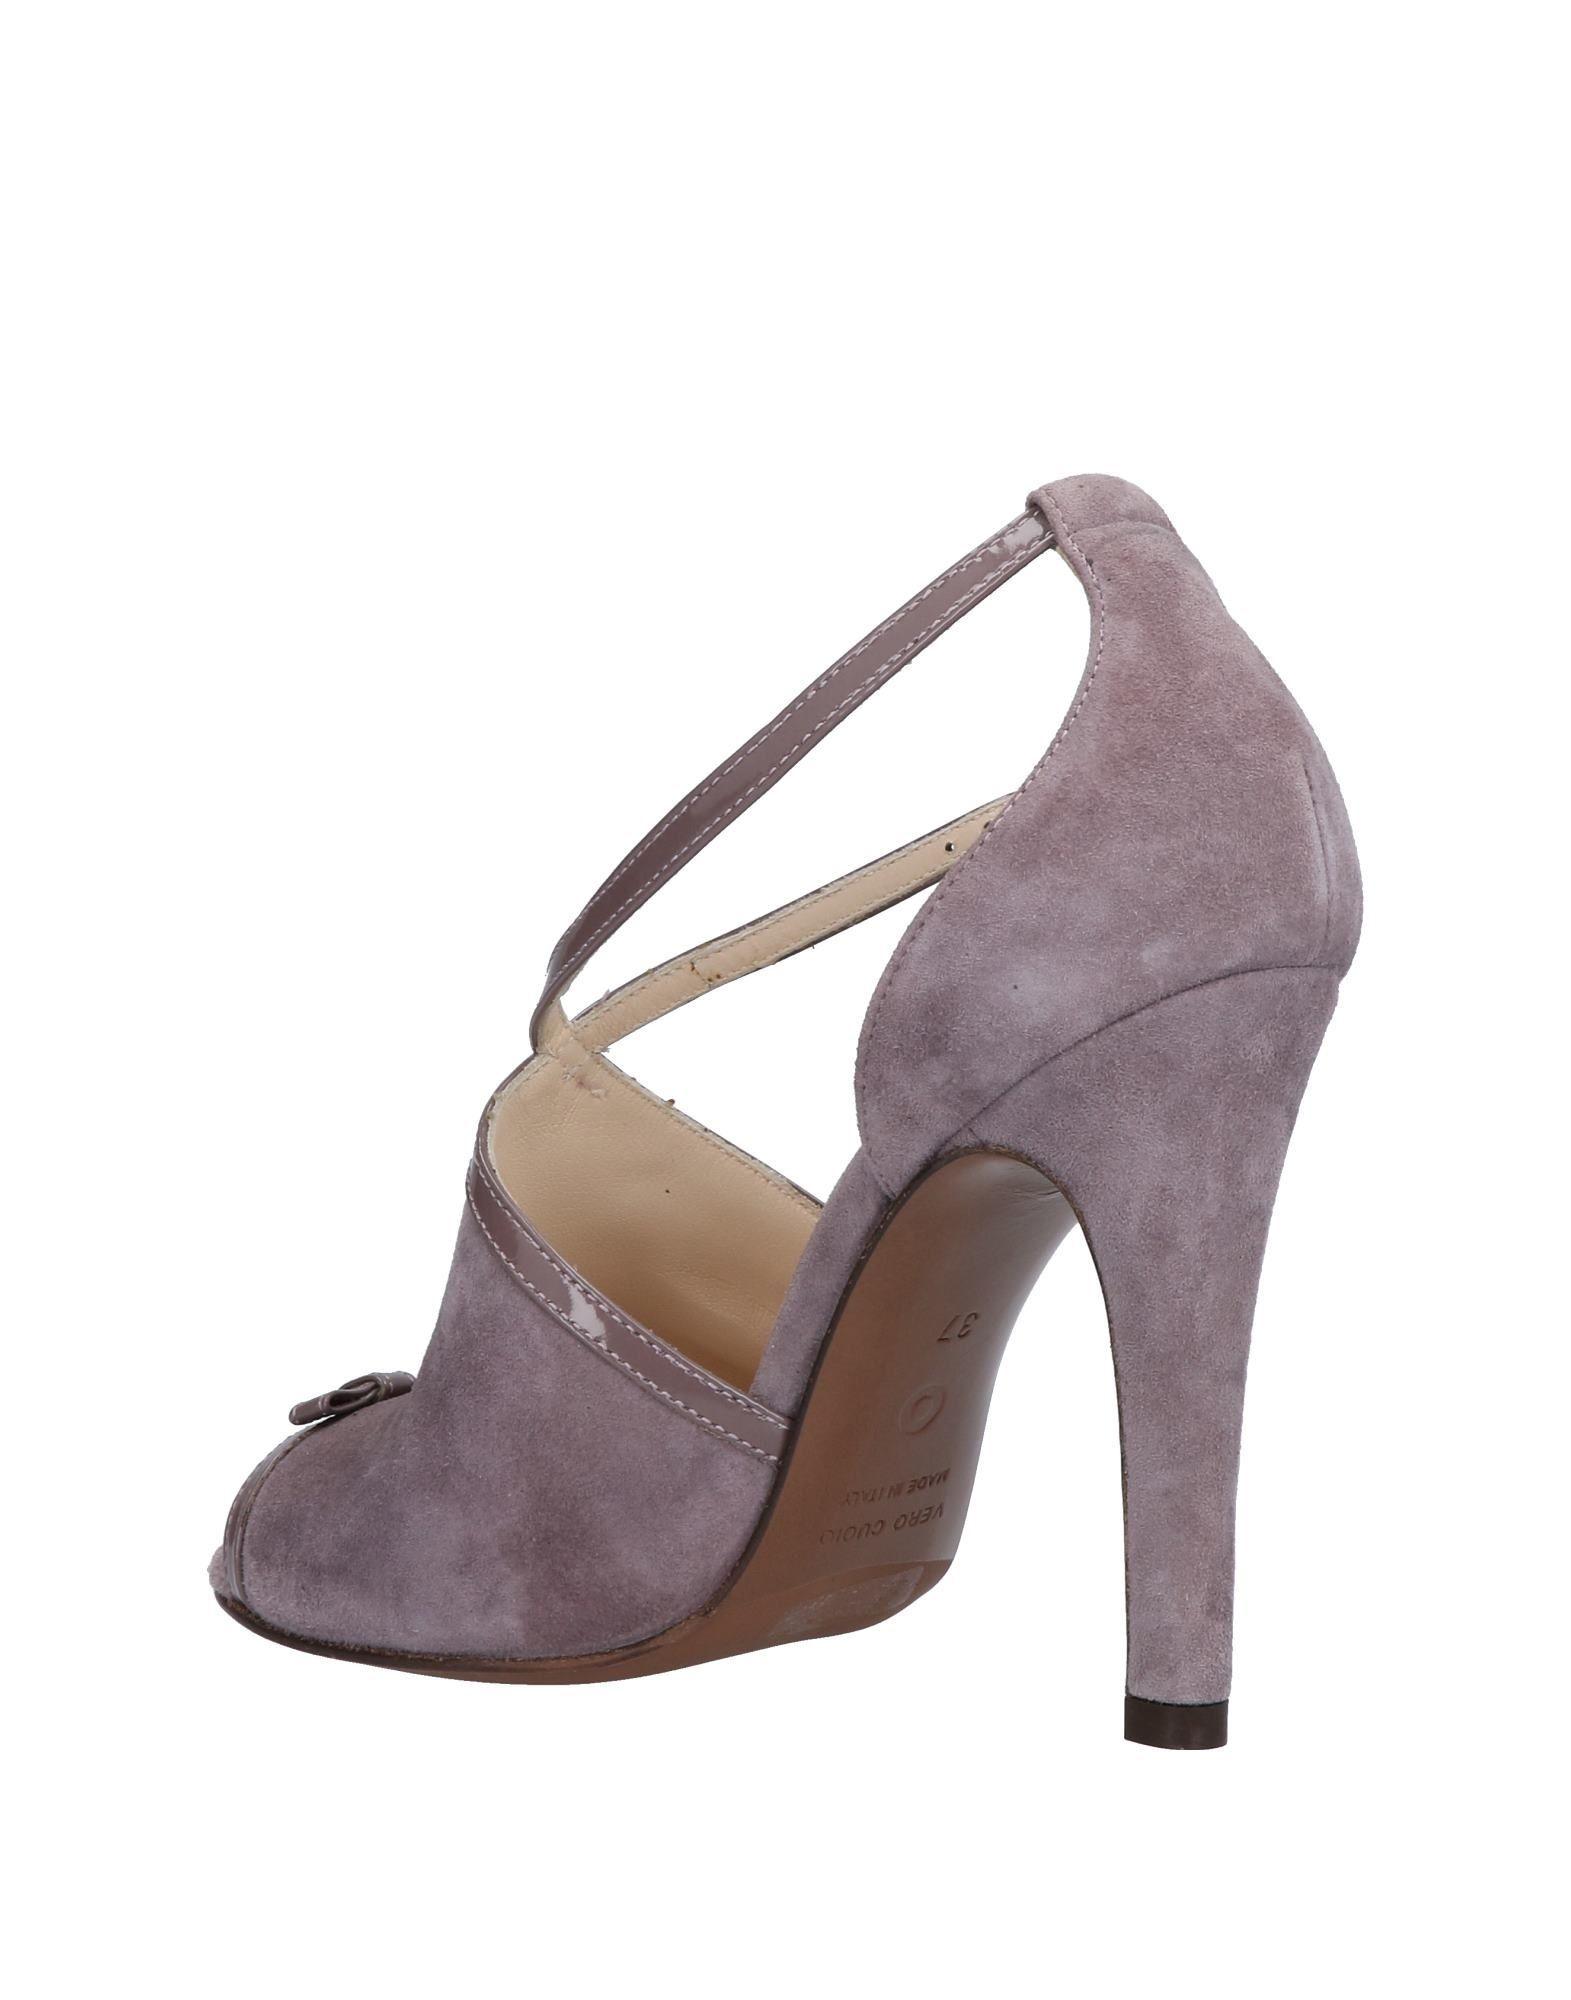 L' Autre Chose Dove Grey Leather Heeled Sandals